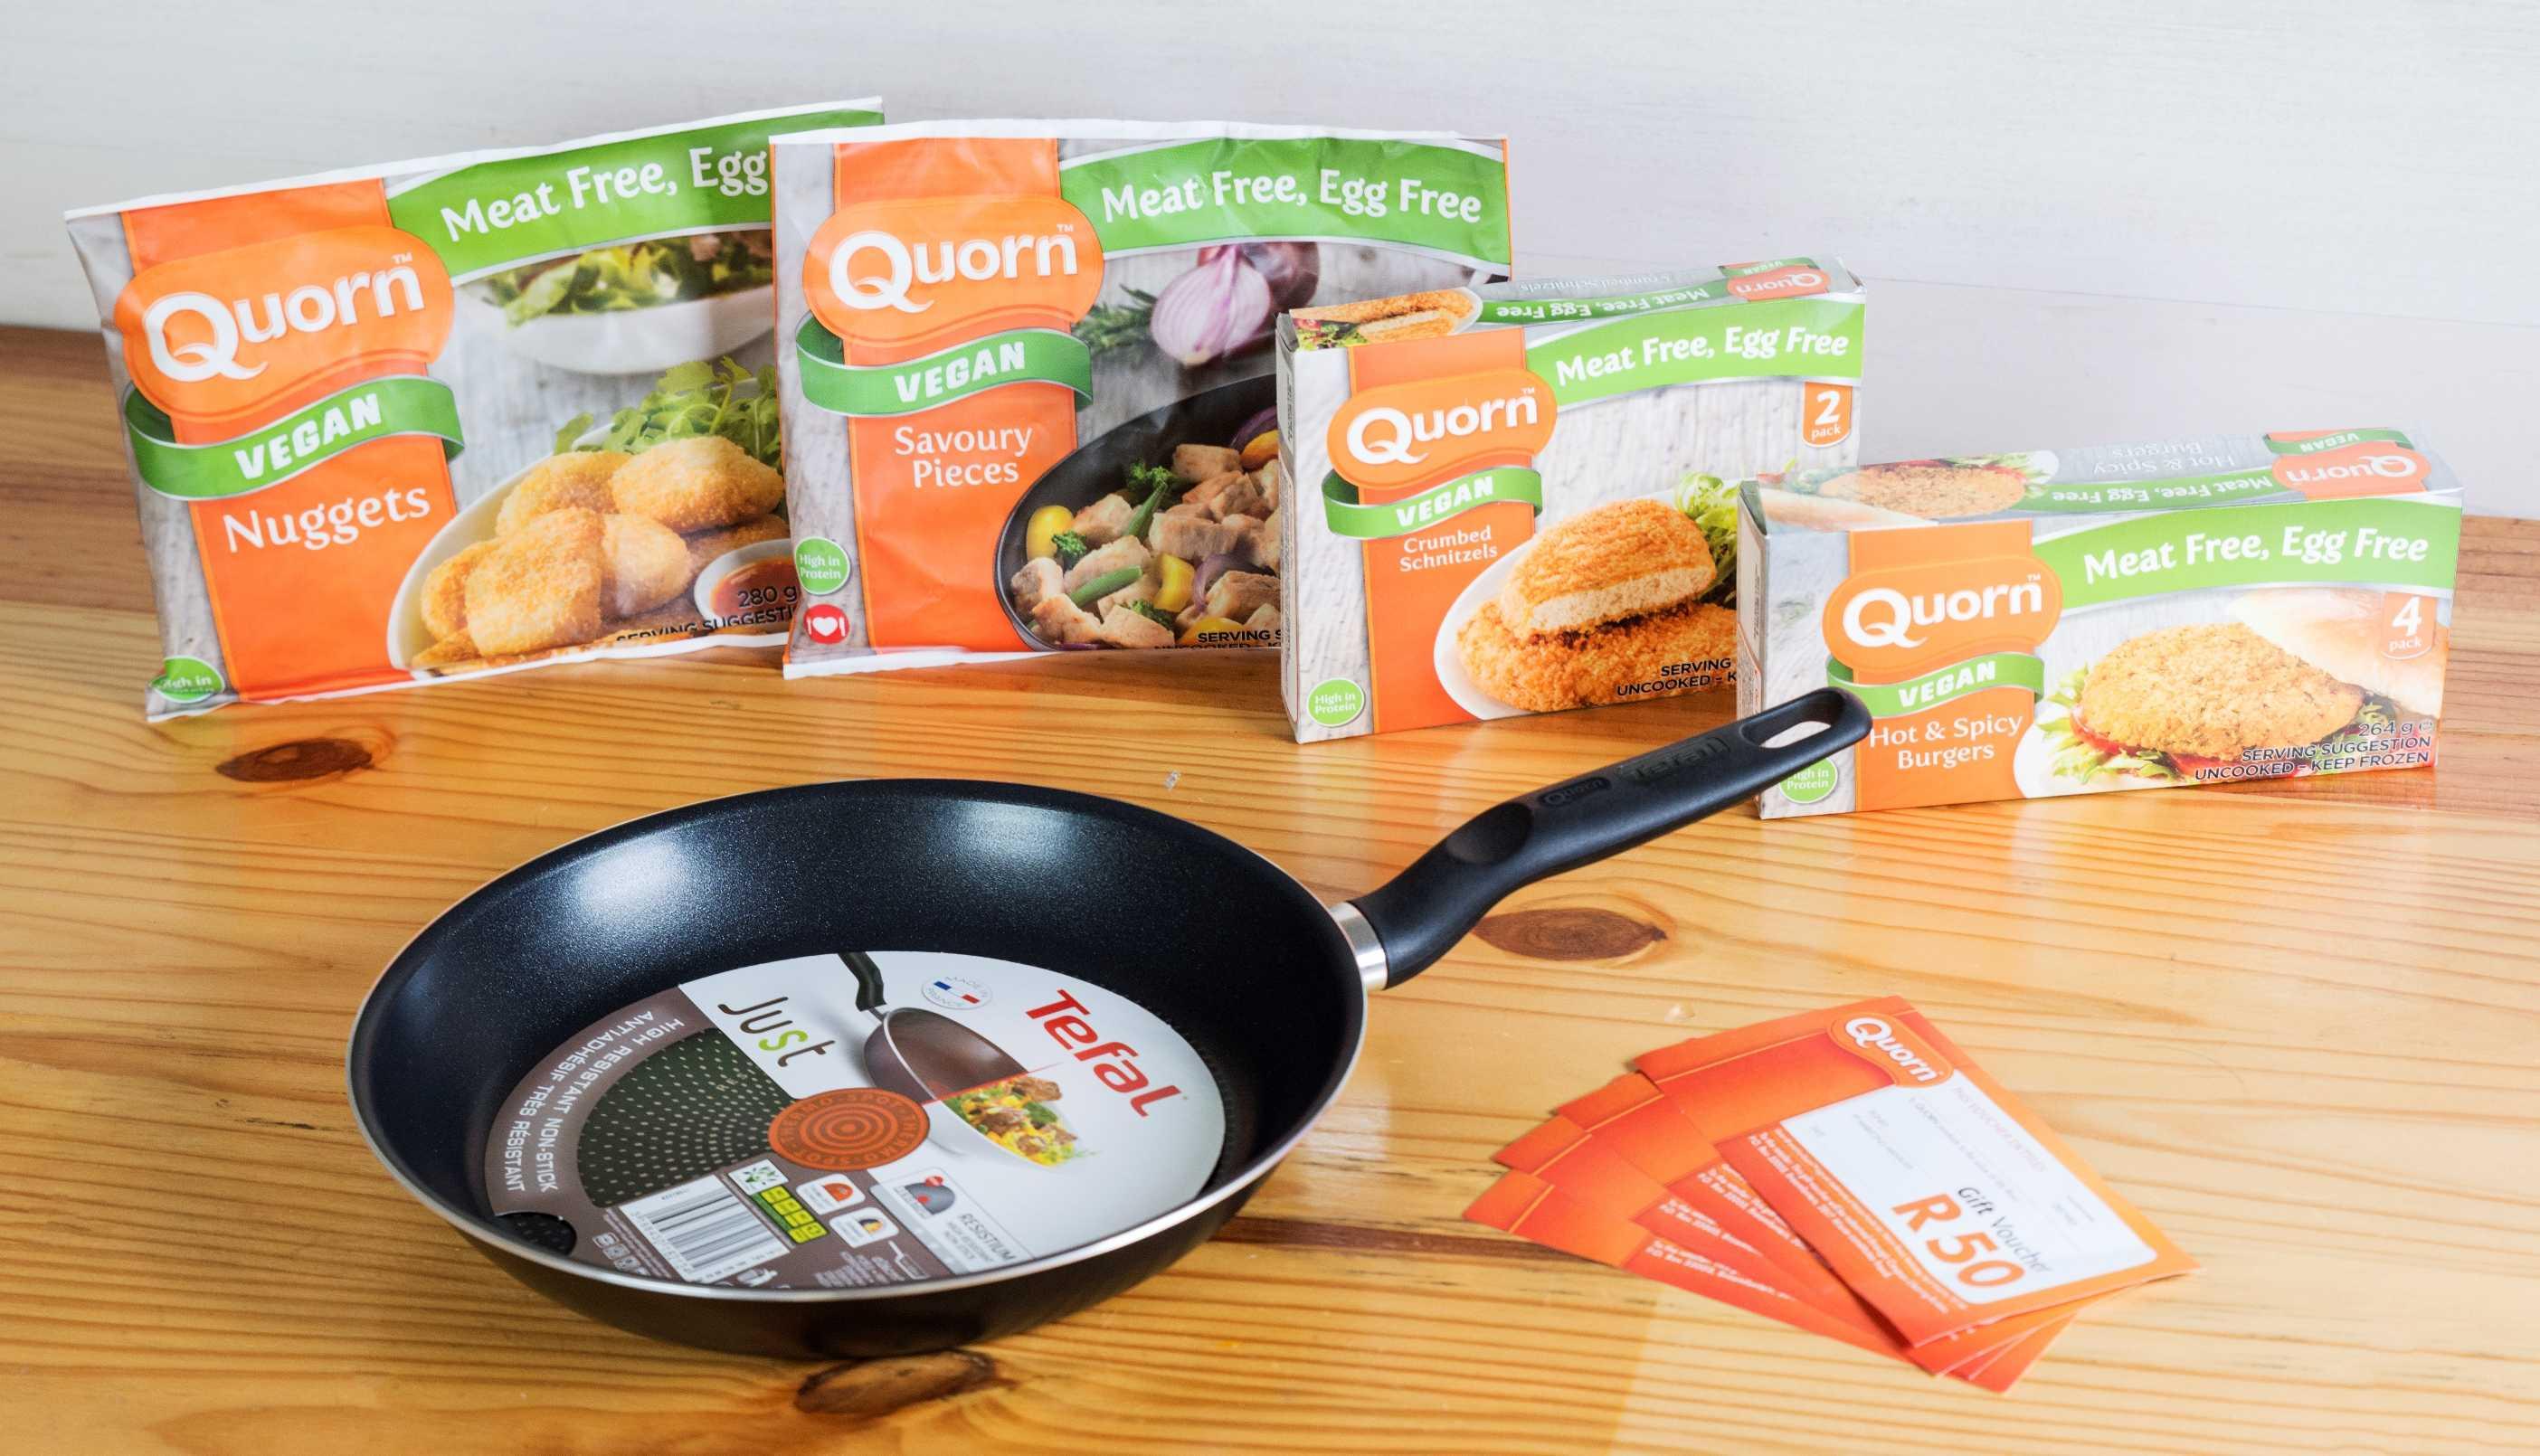 Quorn Vegan hamper give-away